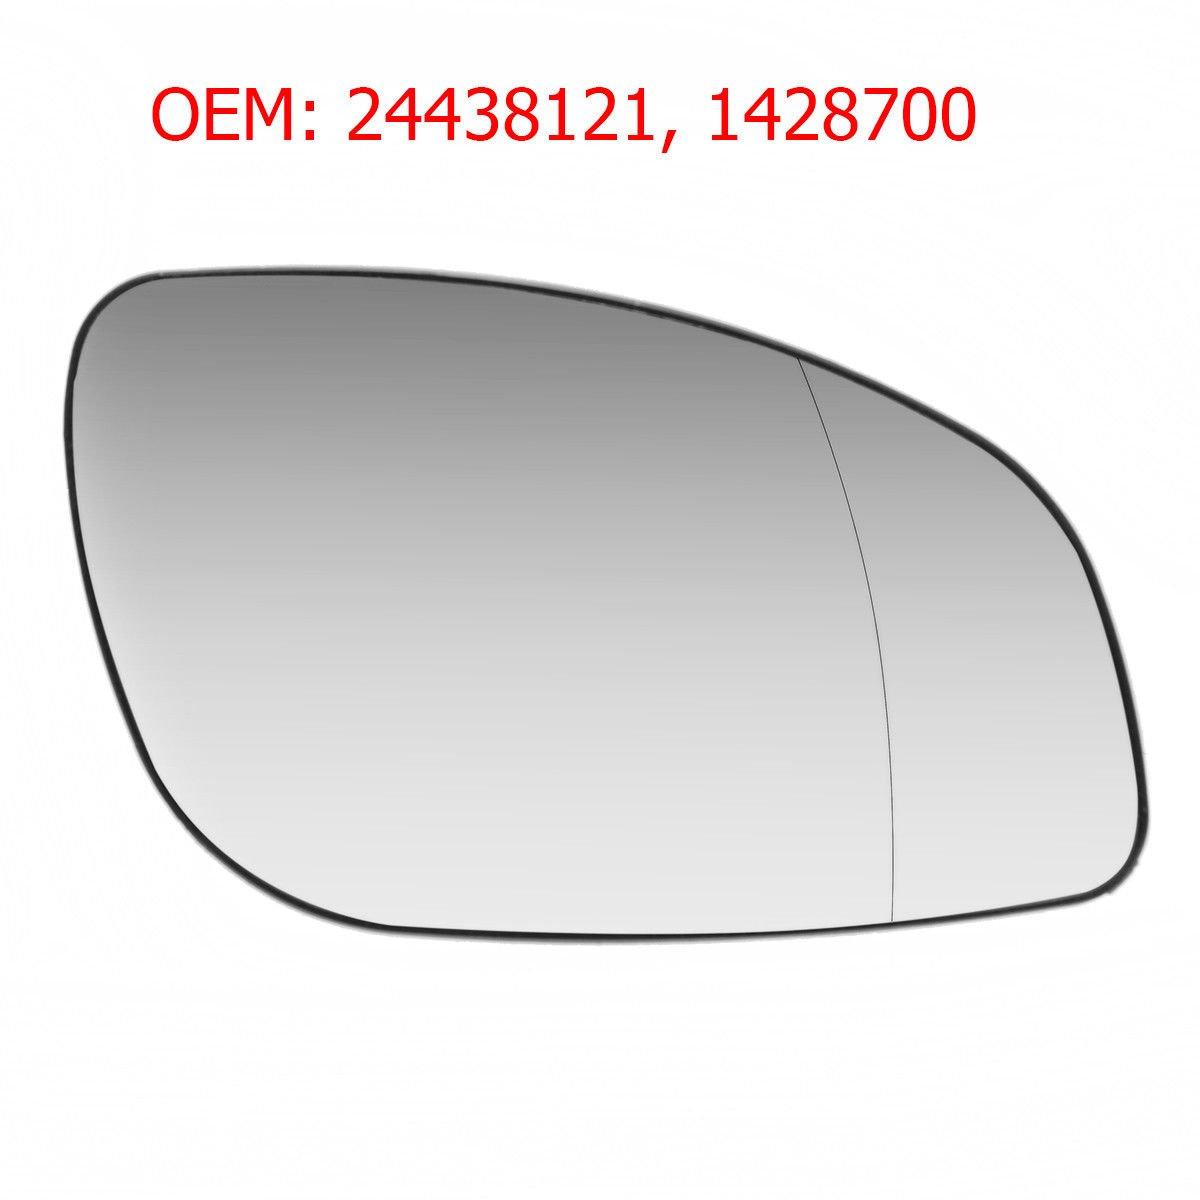 CarJoy 650480 Au/ßenspiegel Beheizbar Weit Winkel Glas Spiegelglas Rechts Beifahrerseite OEM 24438121 1428700